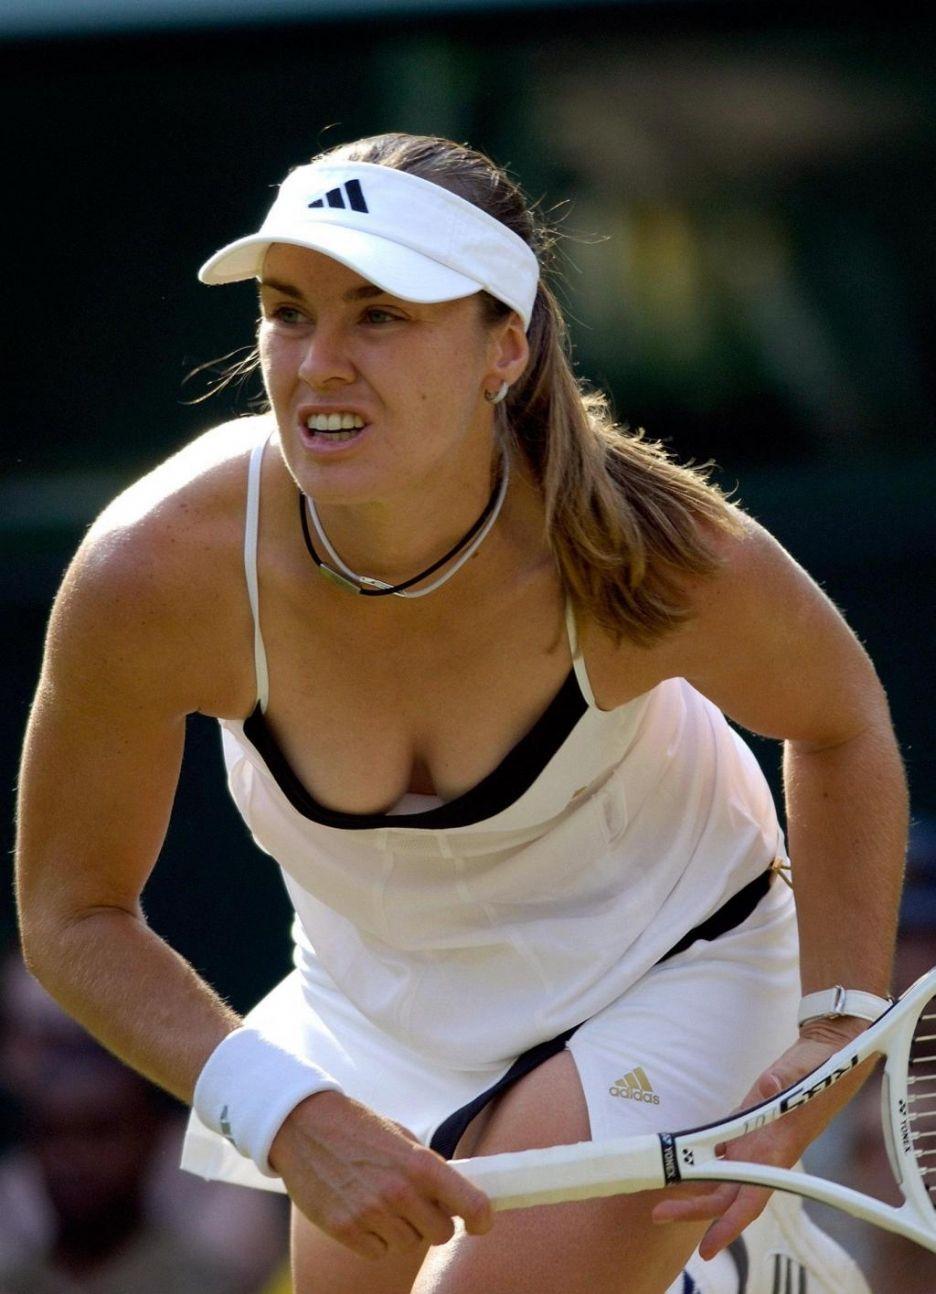 player Martina hingis tennis